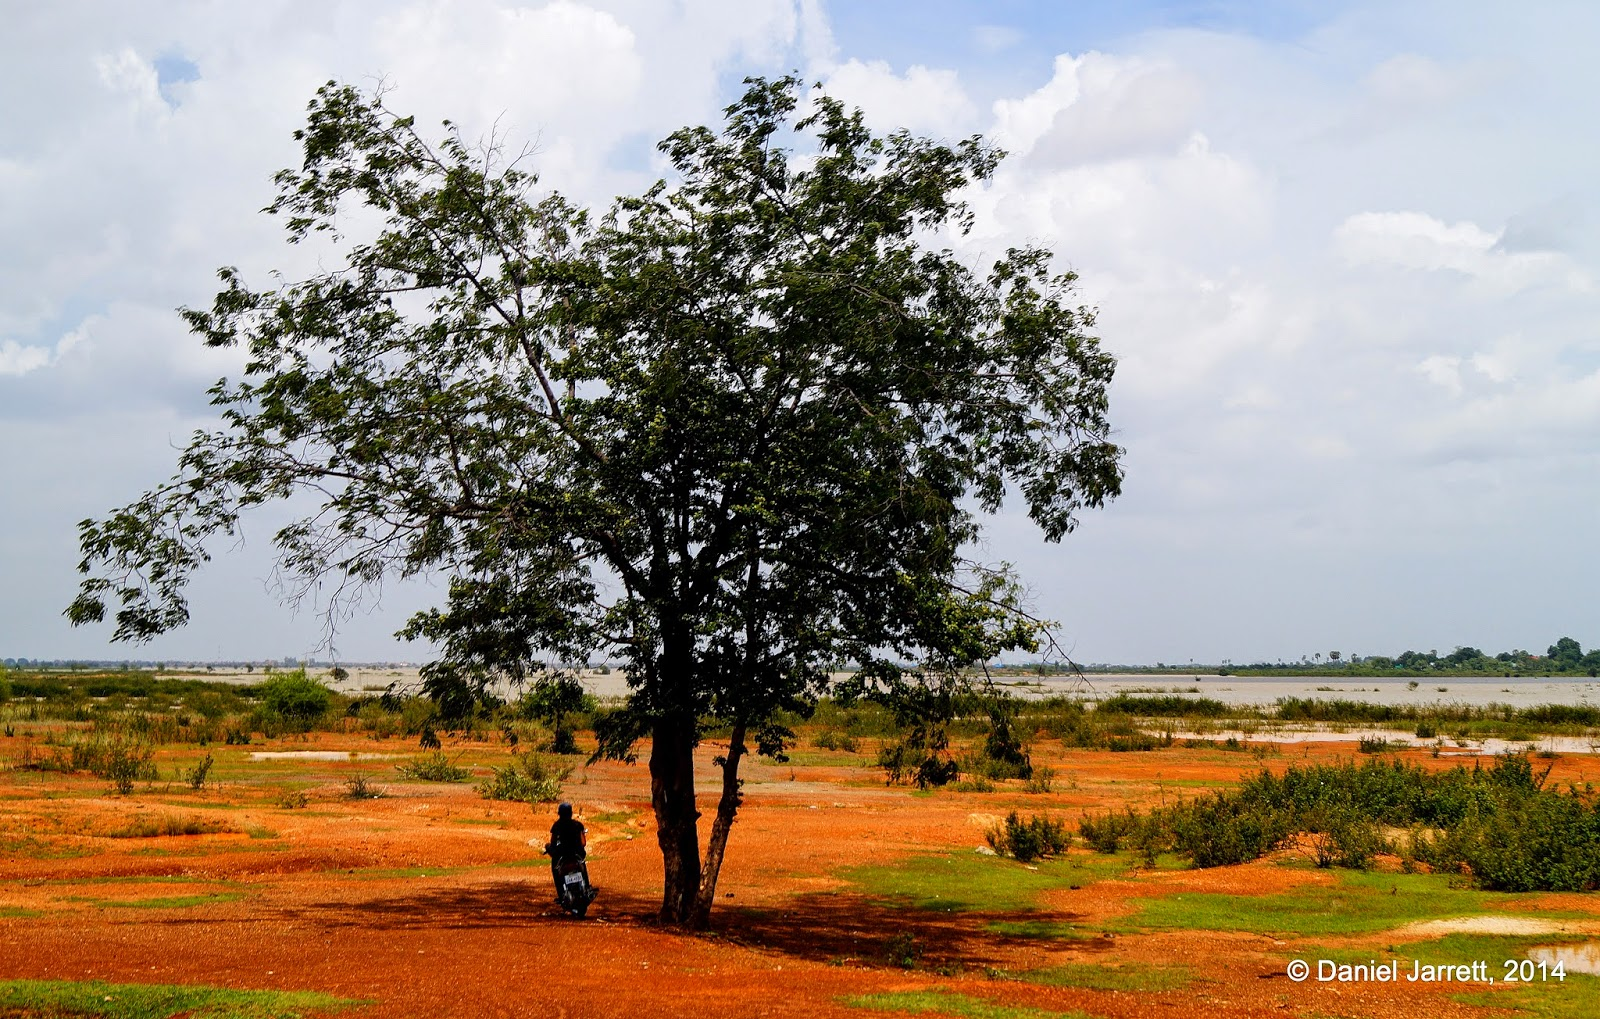 Man under tree, Cambodia